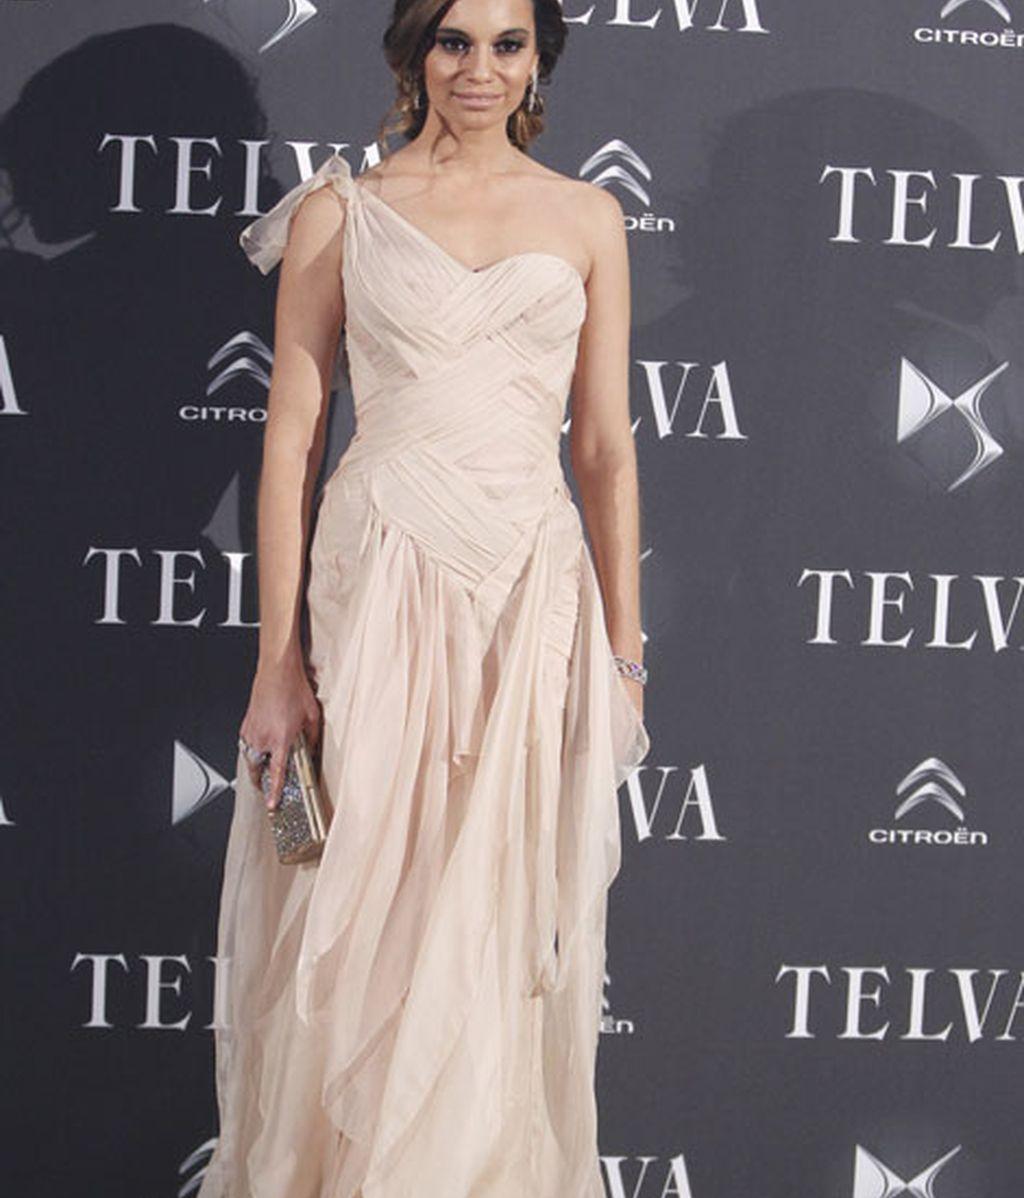 La actriz Norma Ruiz, vestida de Donna Karan NY Atelier